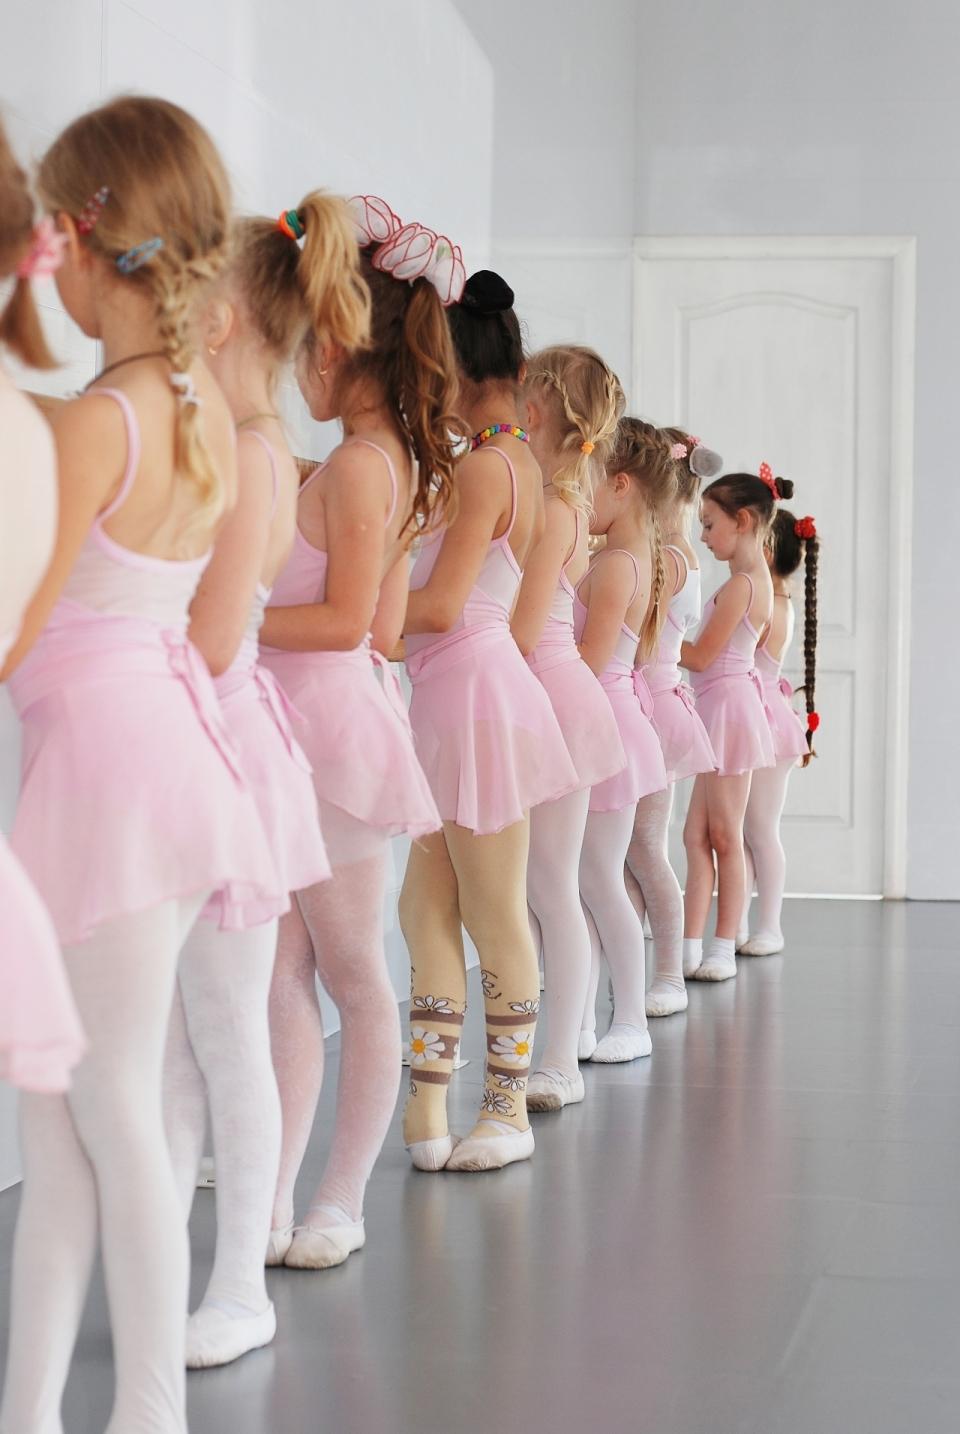 一排正在学舞蹈的小女孩背影